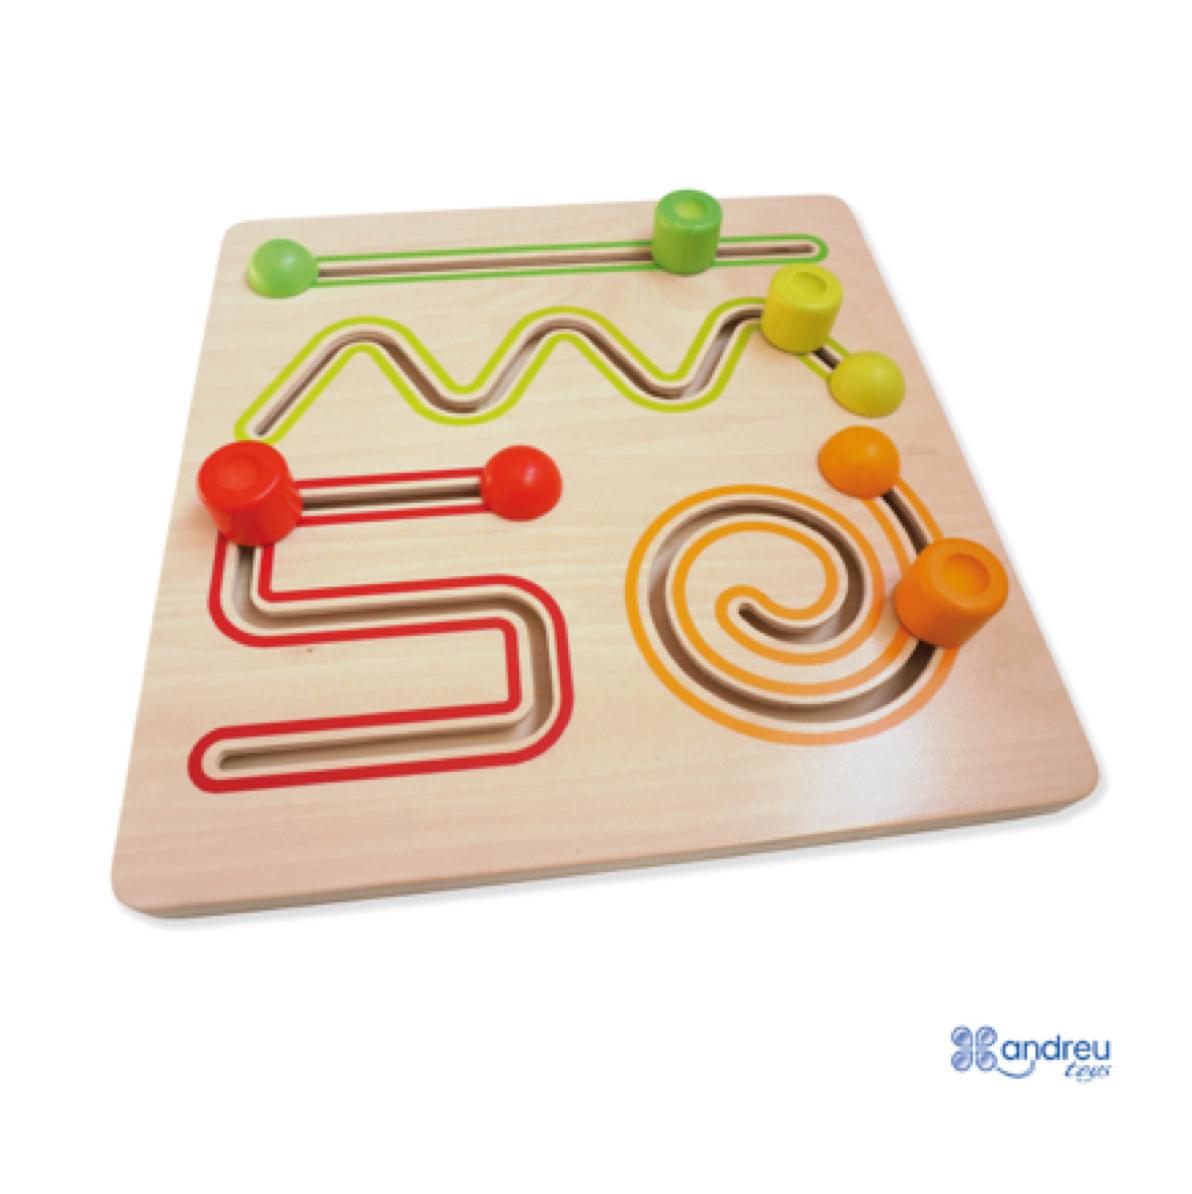 juego-de-deslizamiento-andreu-toys-en-el-mundo-de-mico2